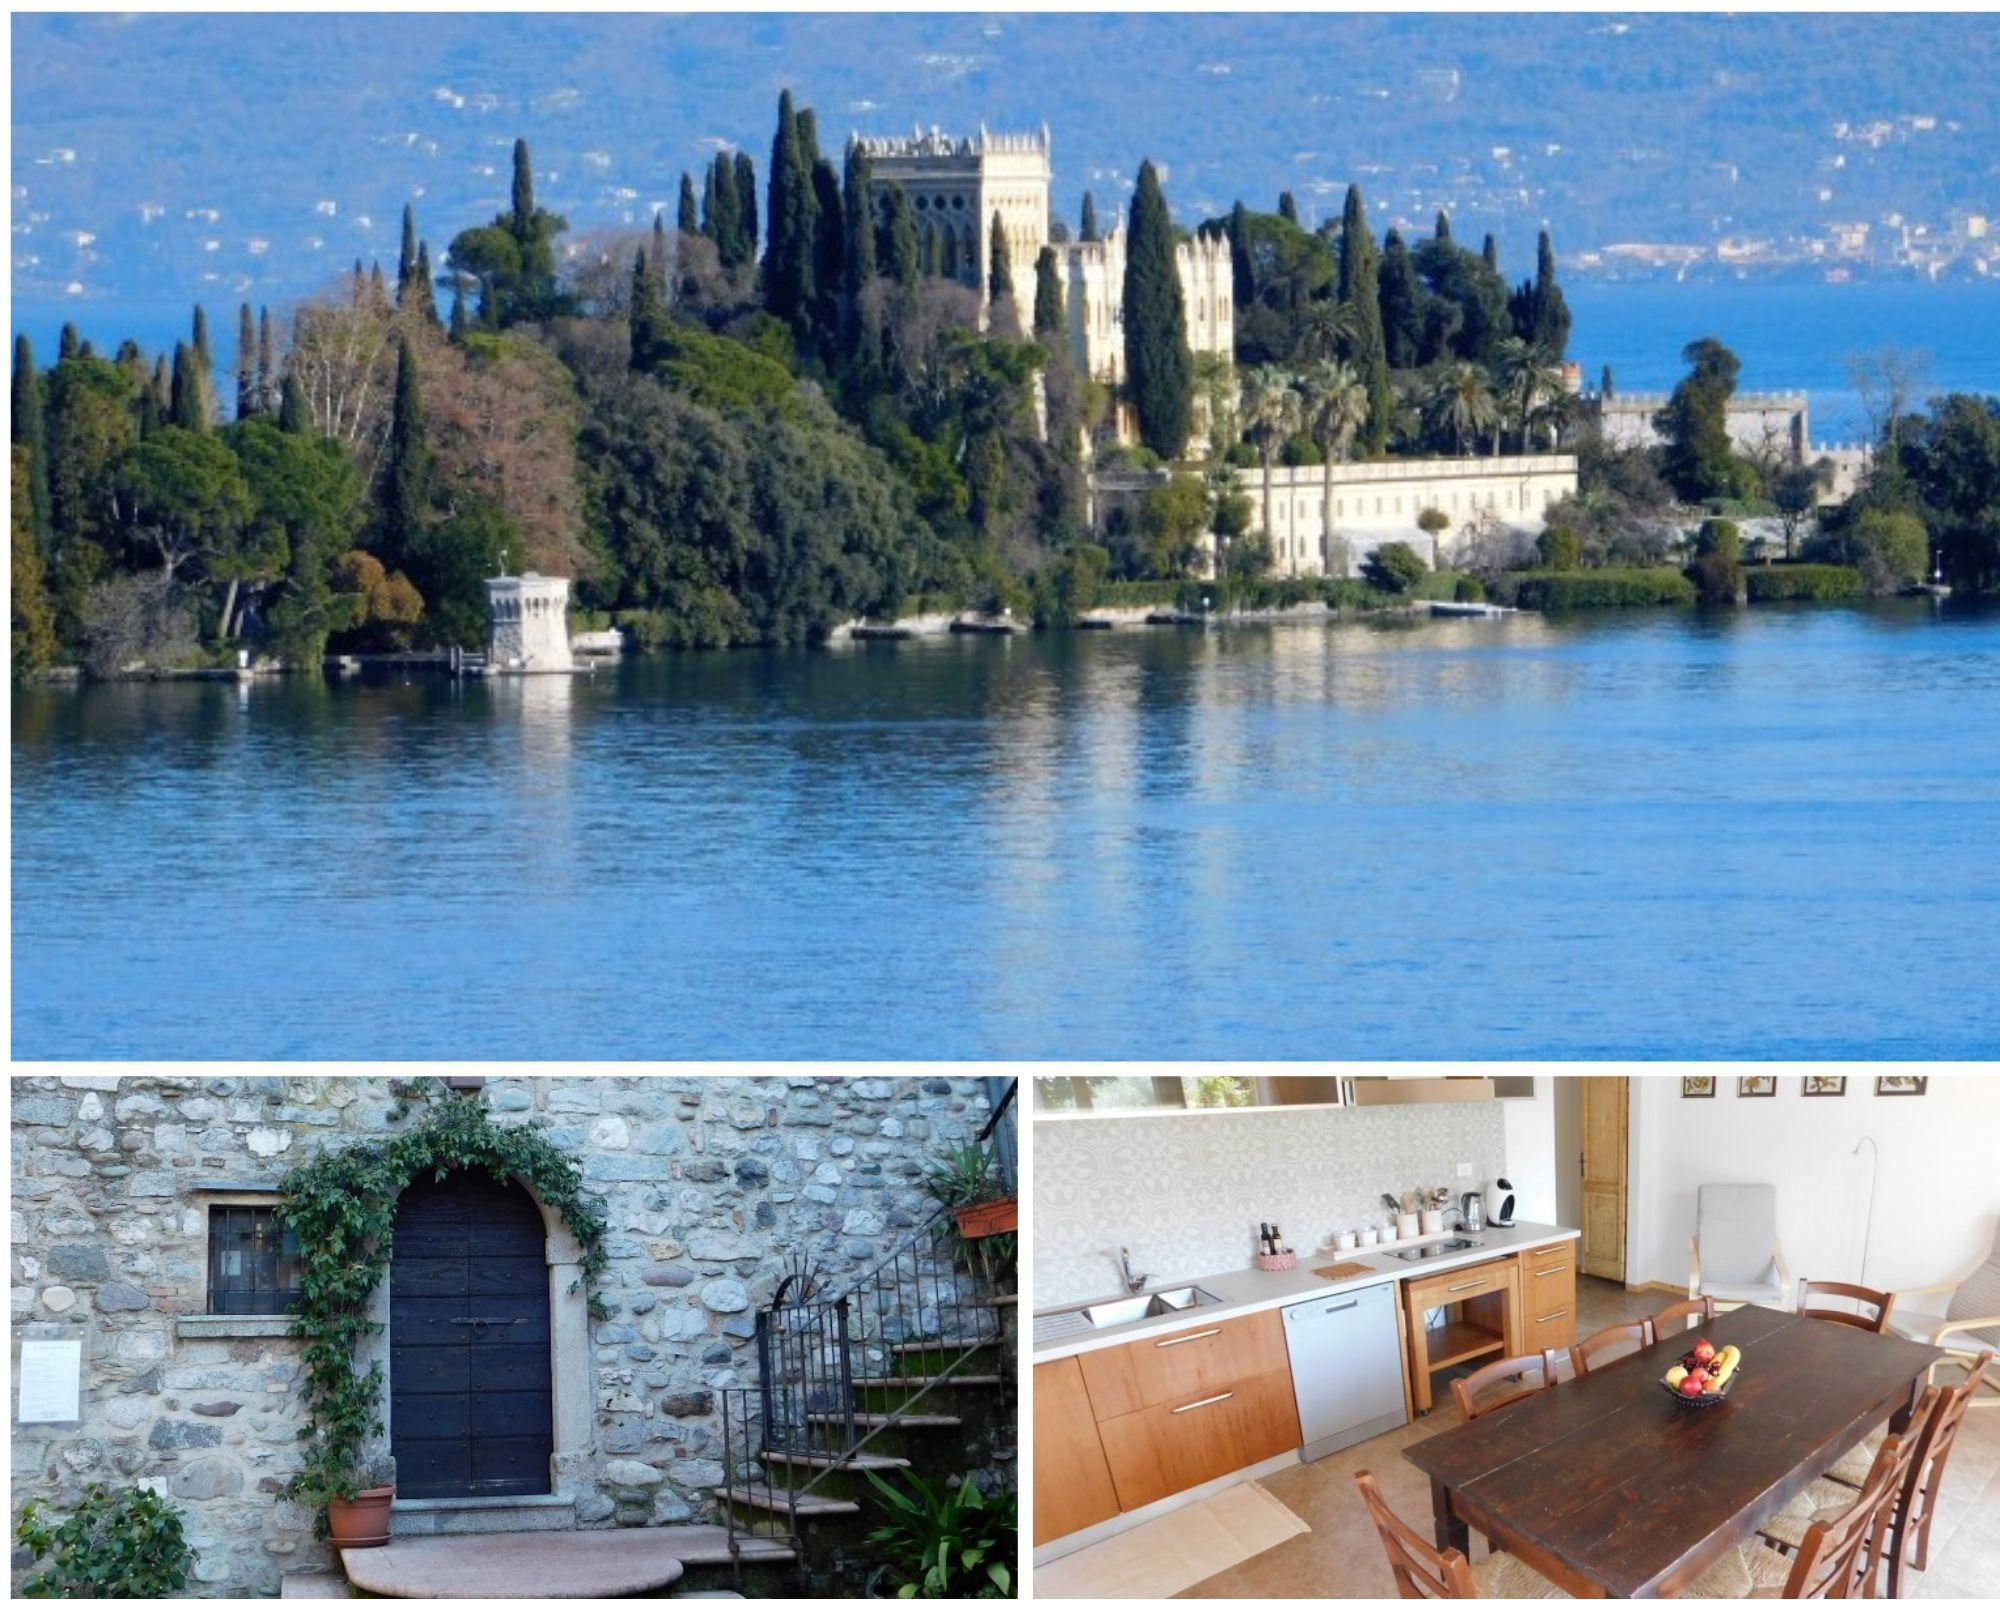 casa di paglia, bellissimo hotel sui laghi